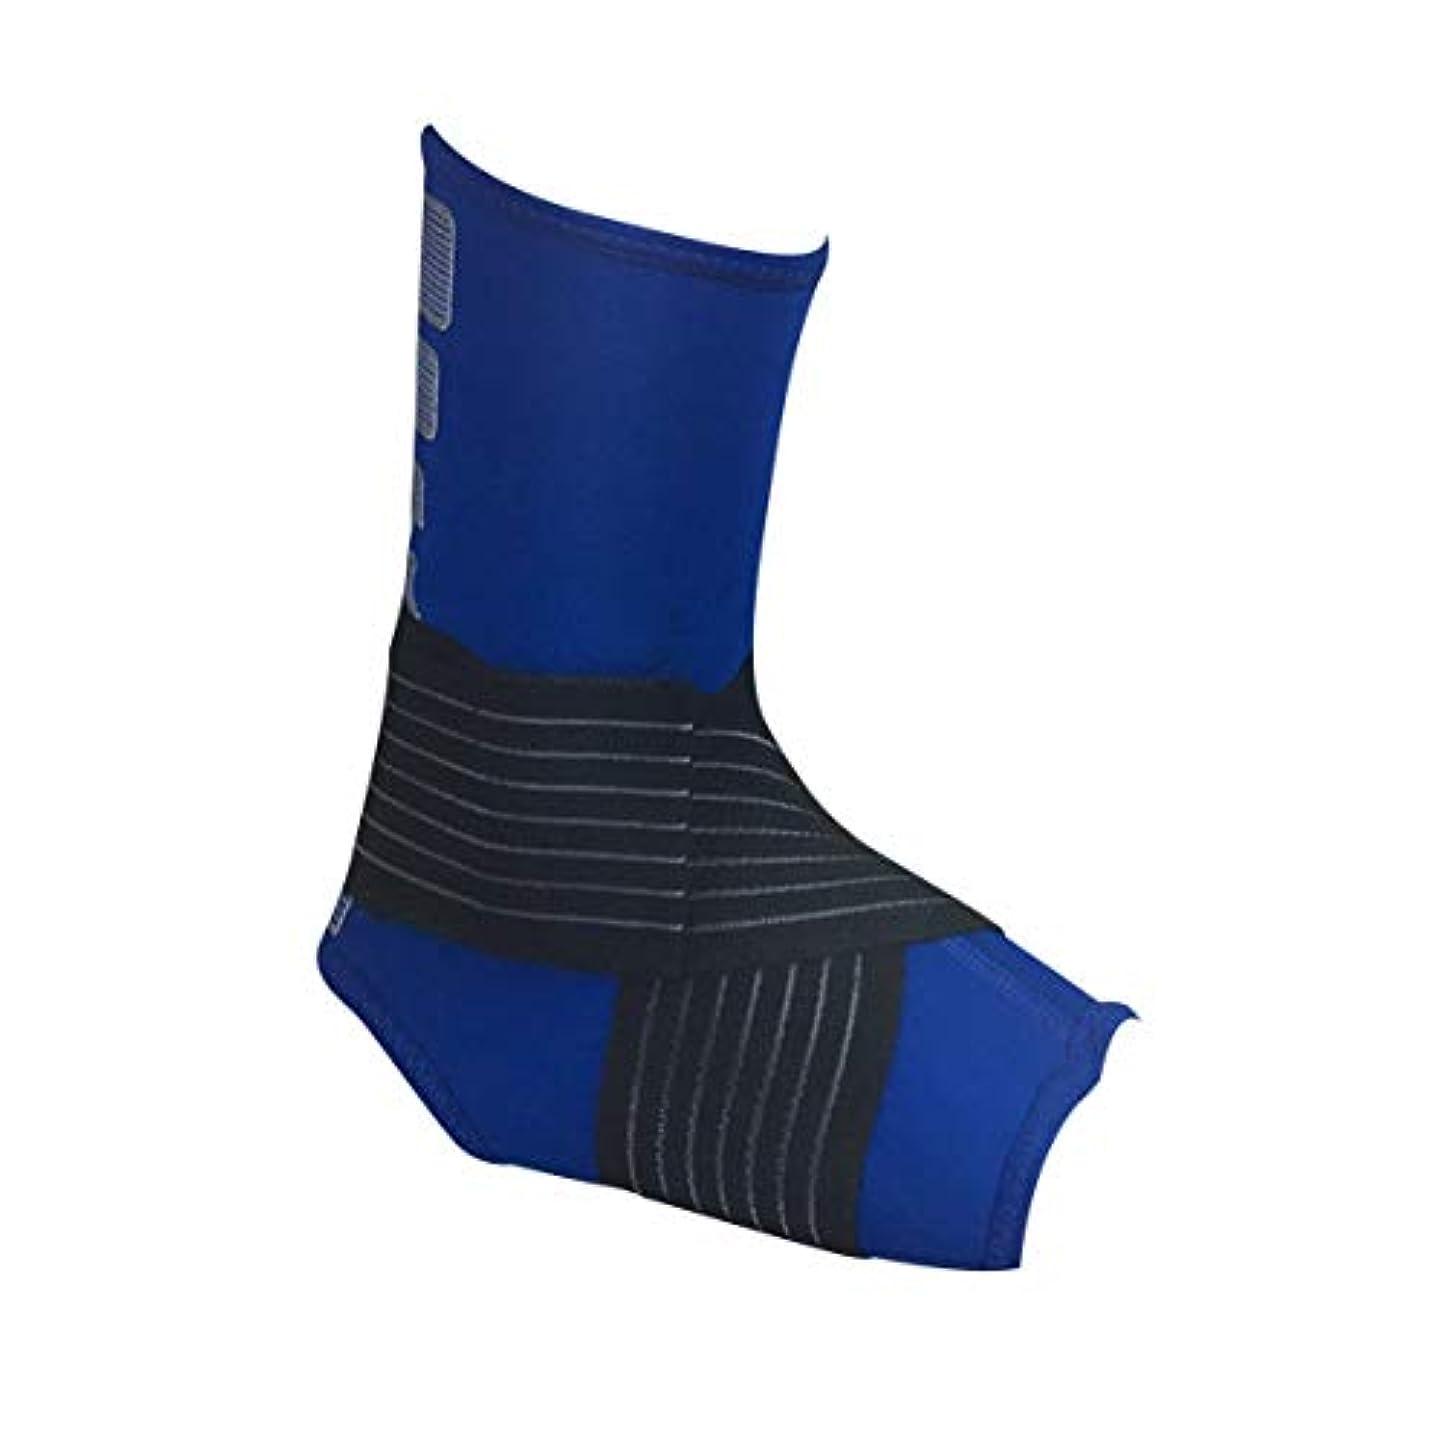 麦芽傭兵道路足首フットパッド包帯ブレースサポート保護足首ガードパッド快適な足首袖ランニングフィットネスサイクリング